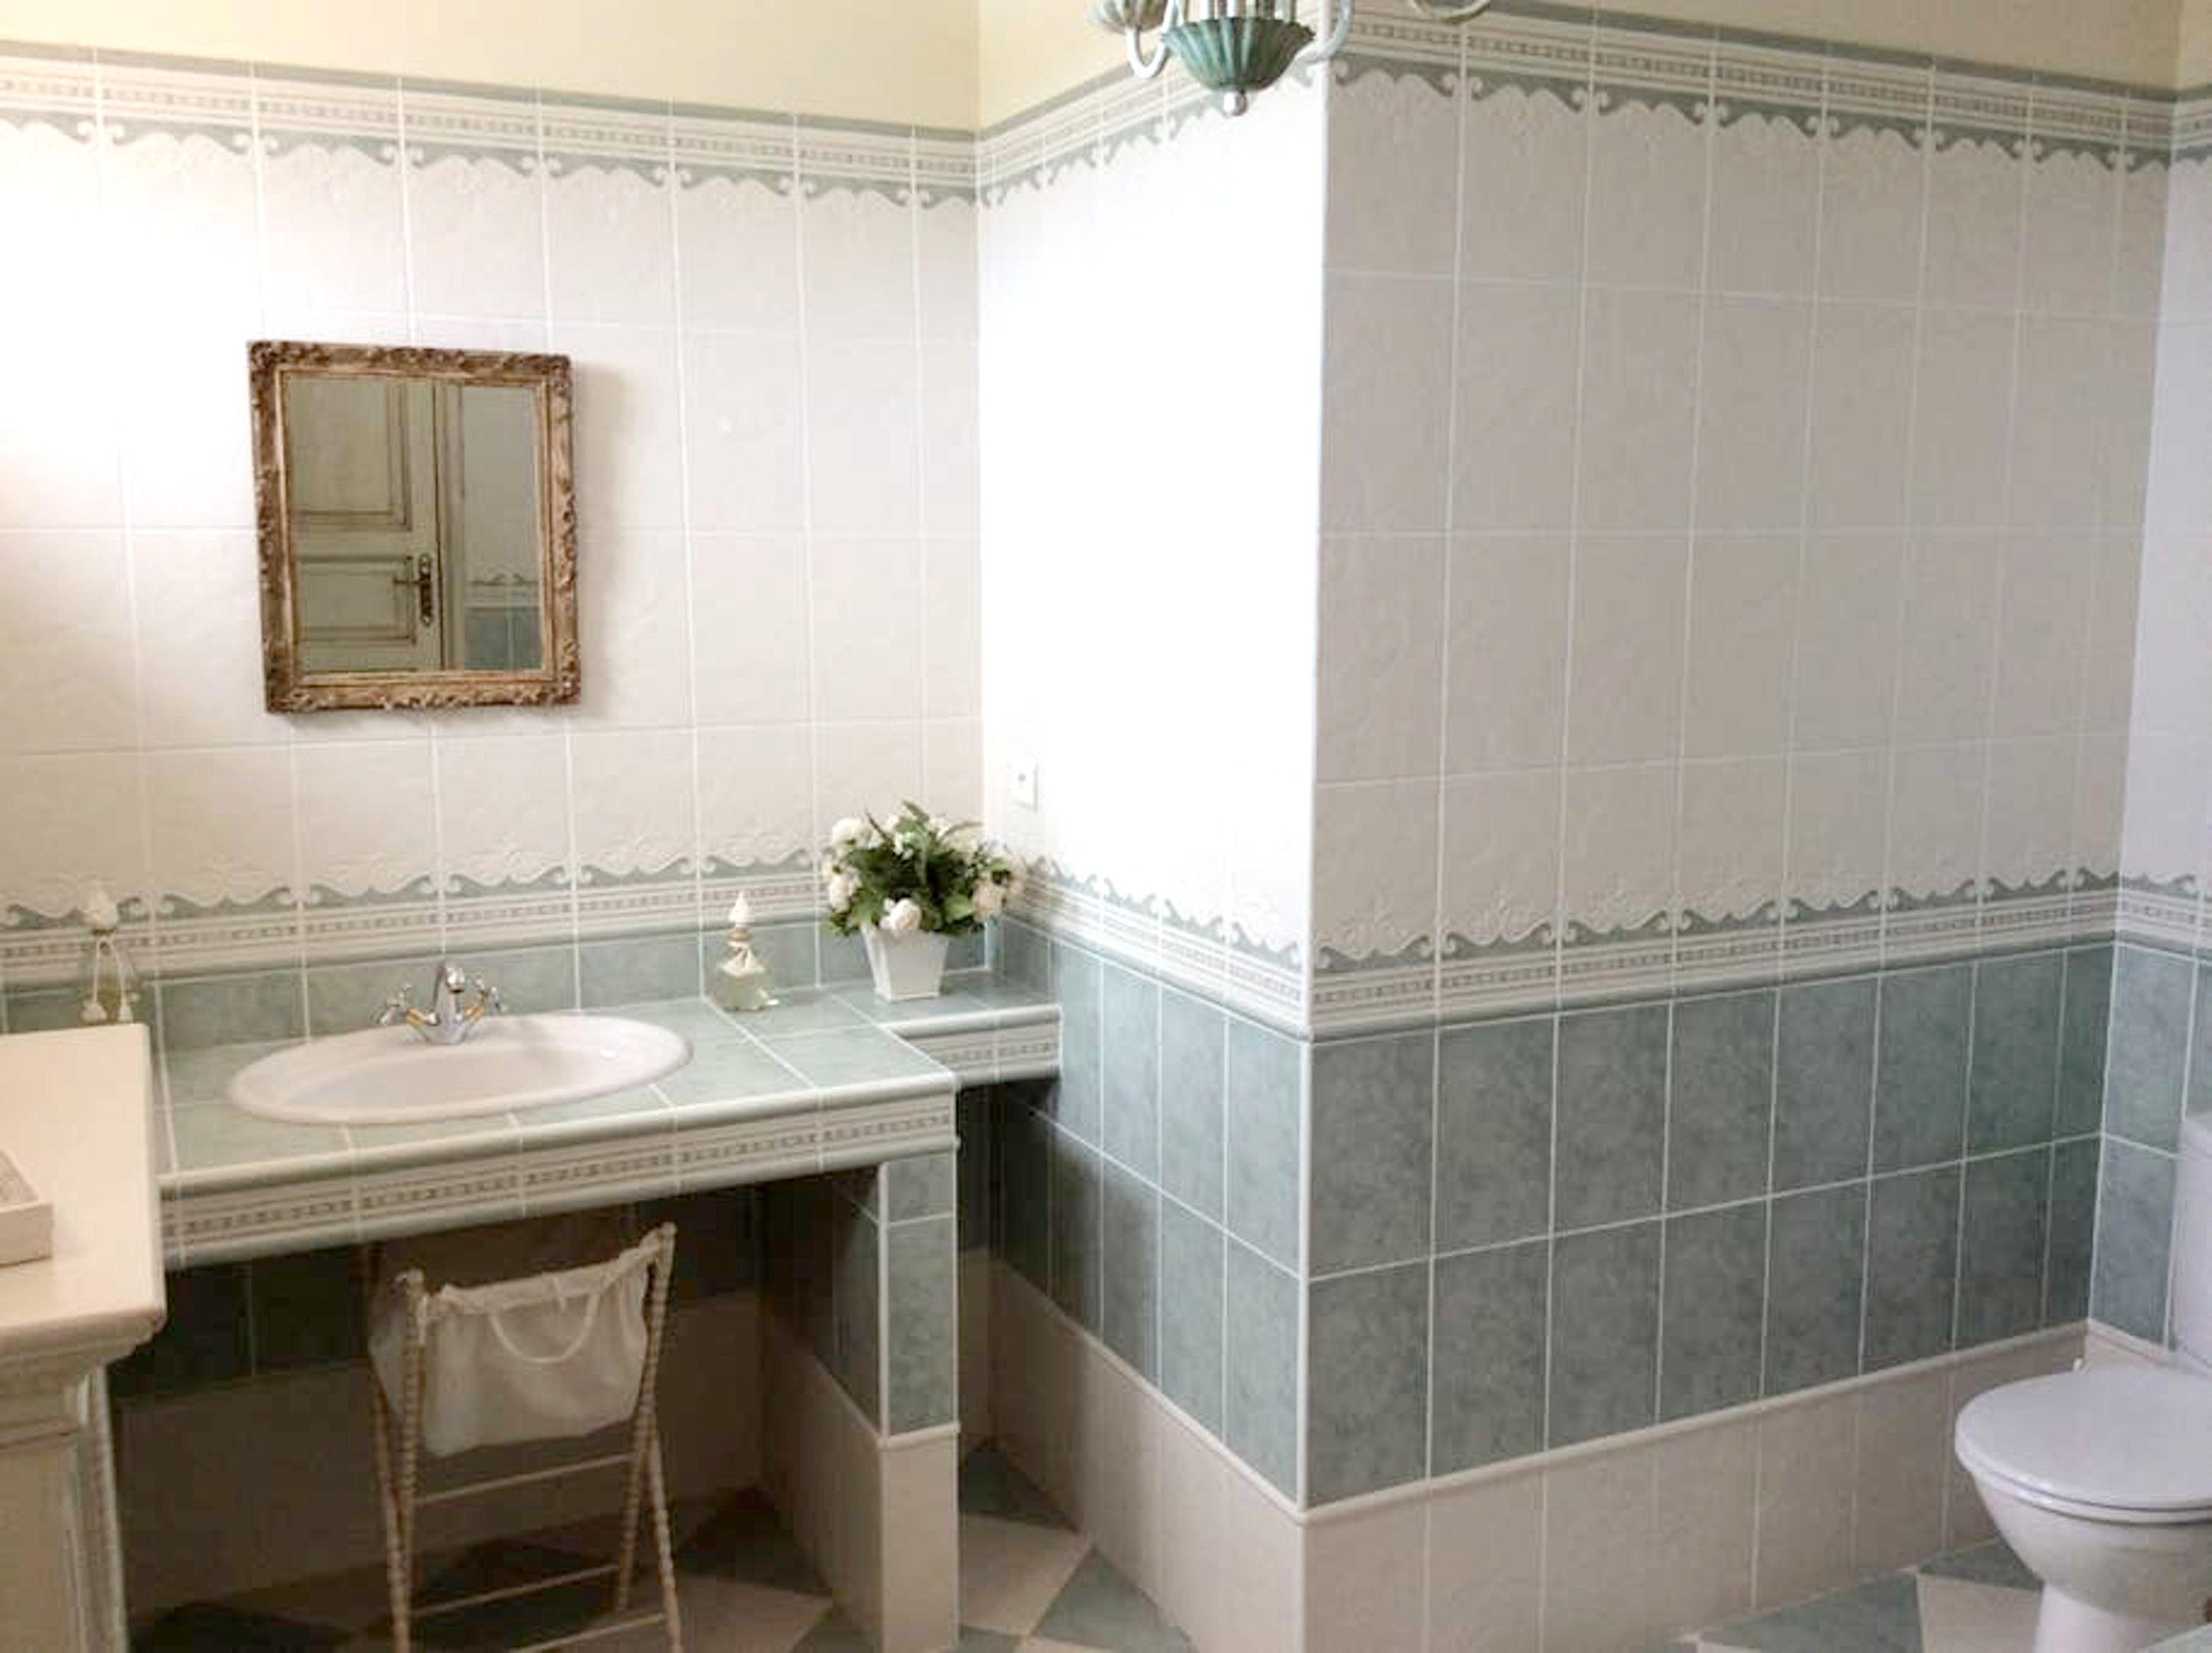 Ferienhaus Villa mit 4 Schlafzimmern in Lumio mit herrlichem Meerblick, privatem Pool, möbliertem Gar (2632533), Lumio, Nordkorsika, Korsika, Frankreich, Bild 20